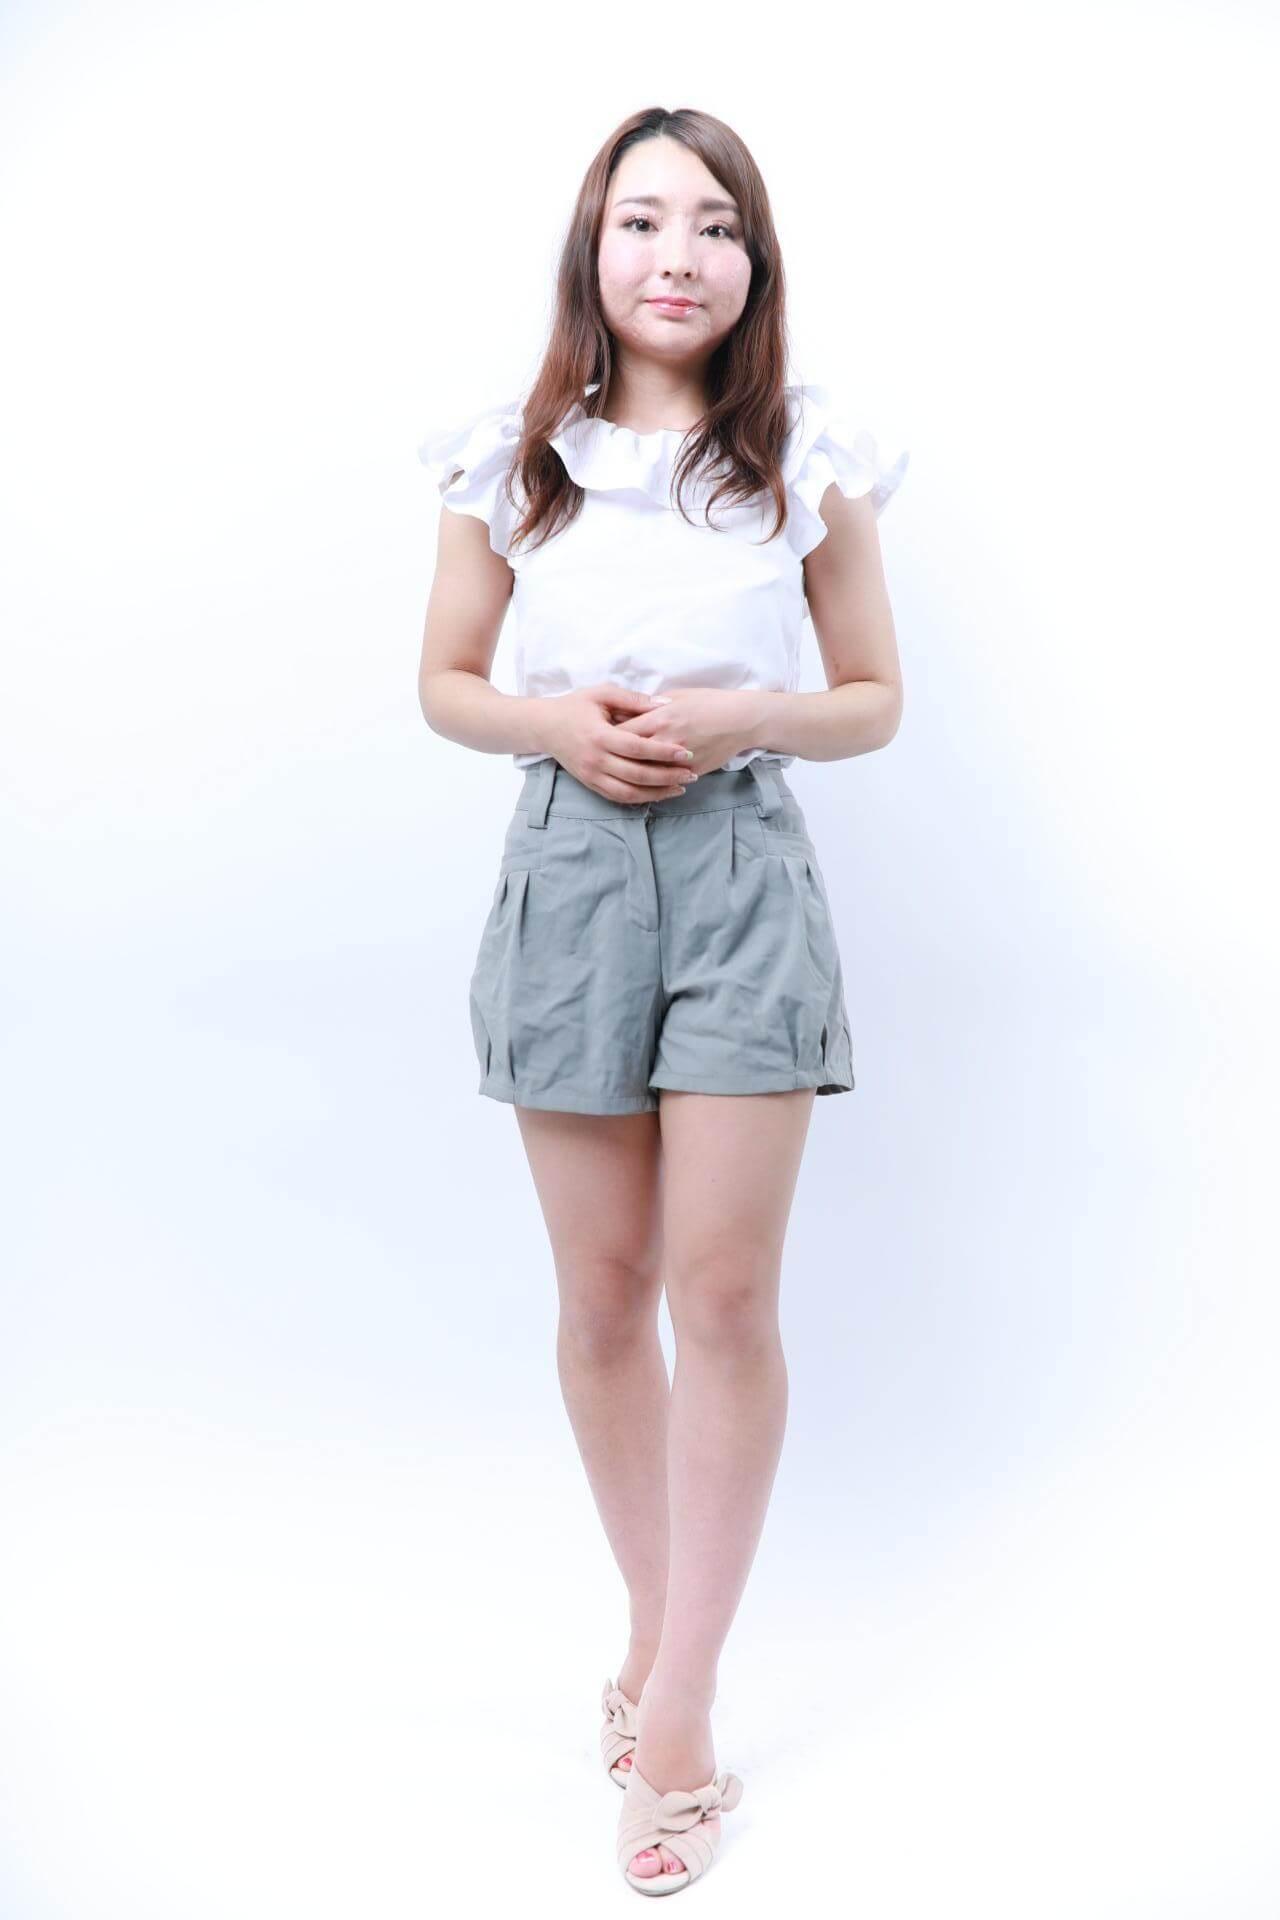 秋山 アンジェラ